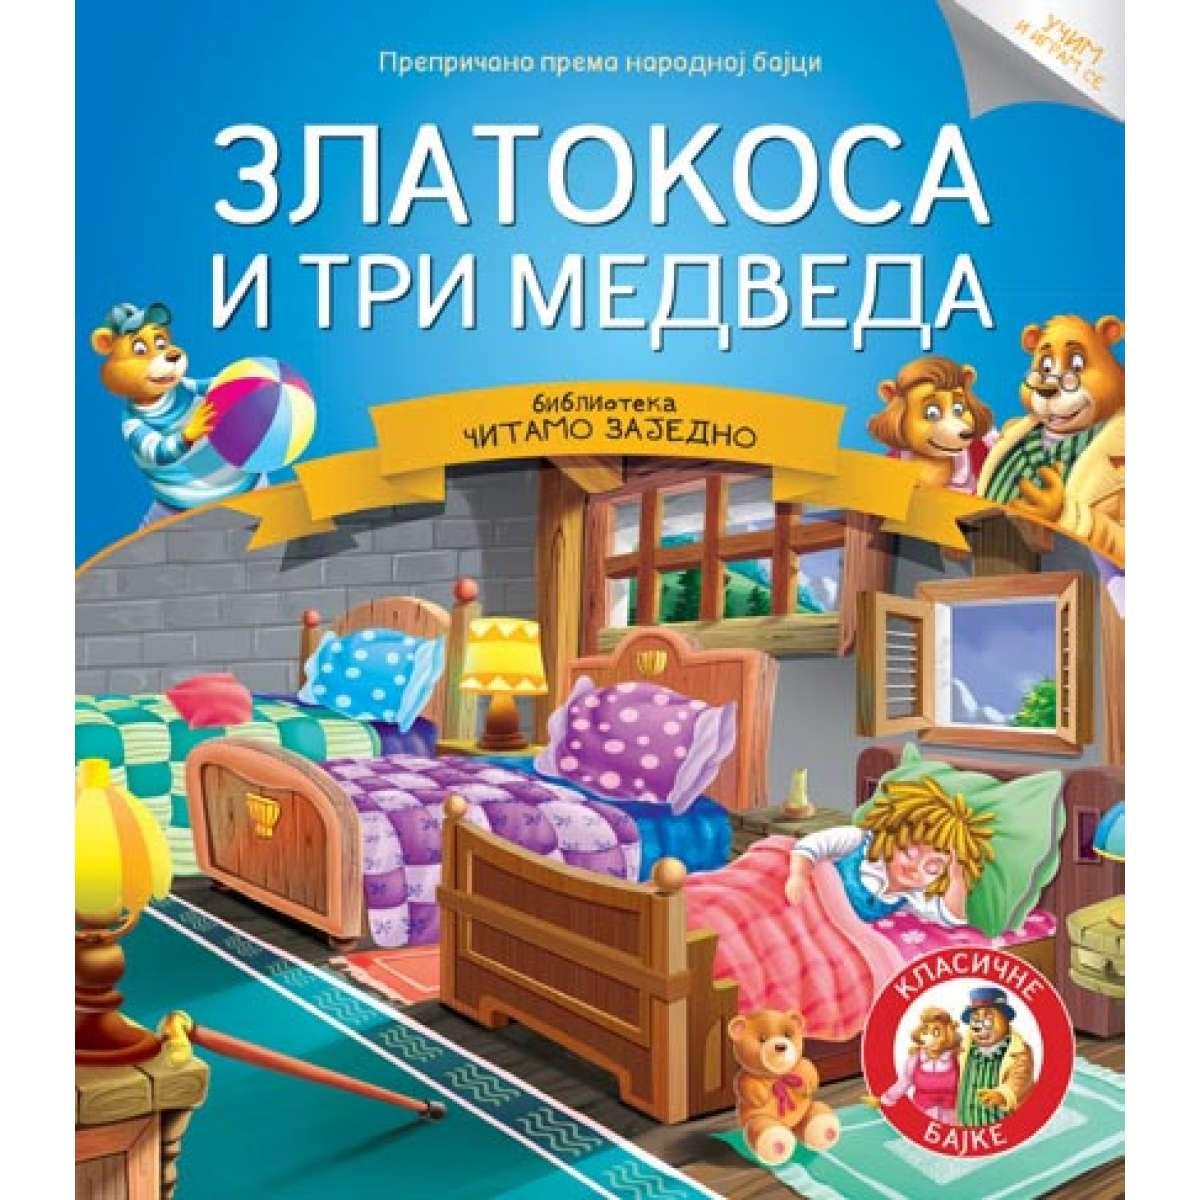 Čitamo zajedno - Zlatokosa i tri medveda